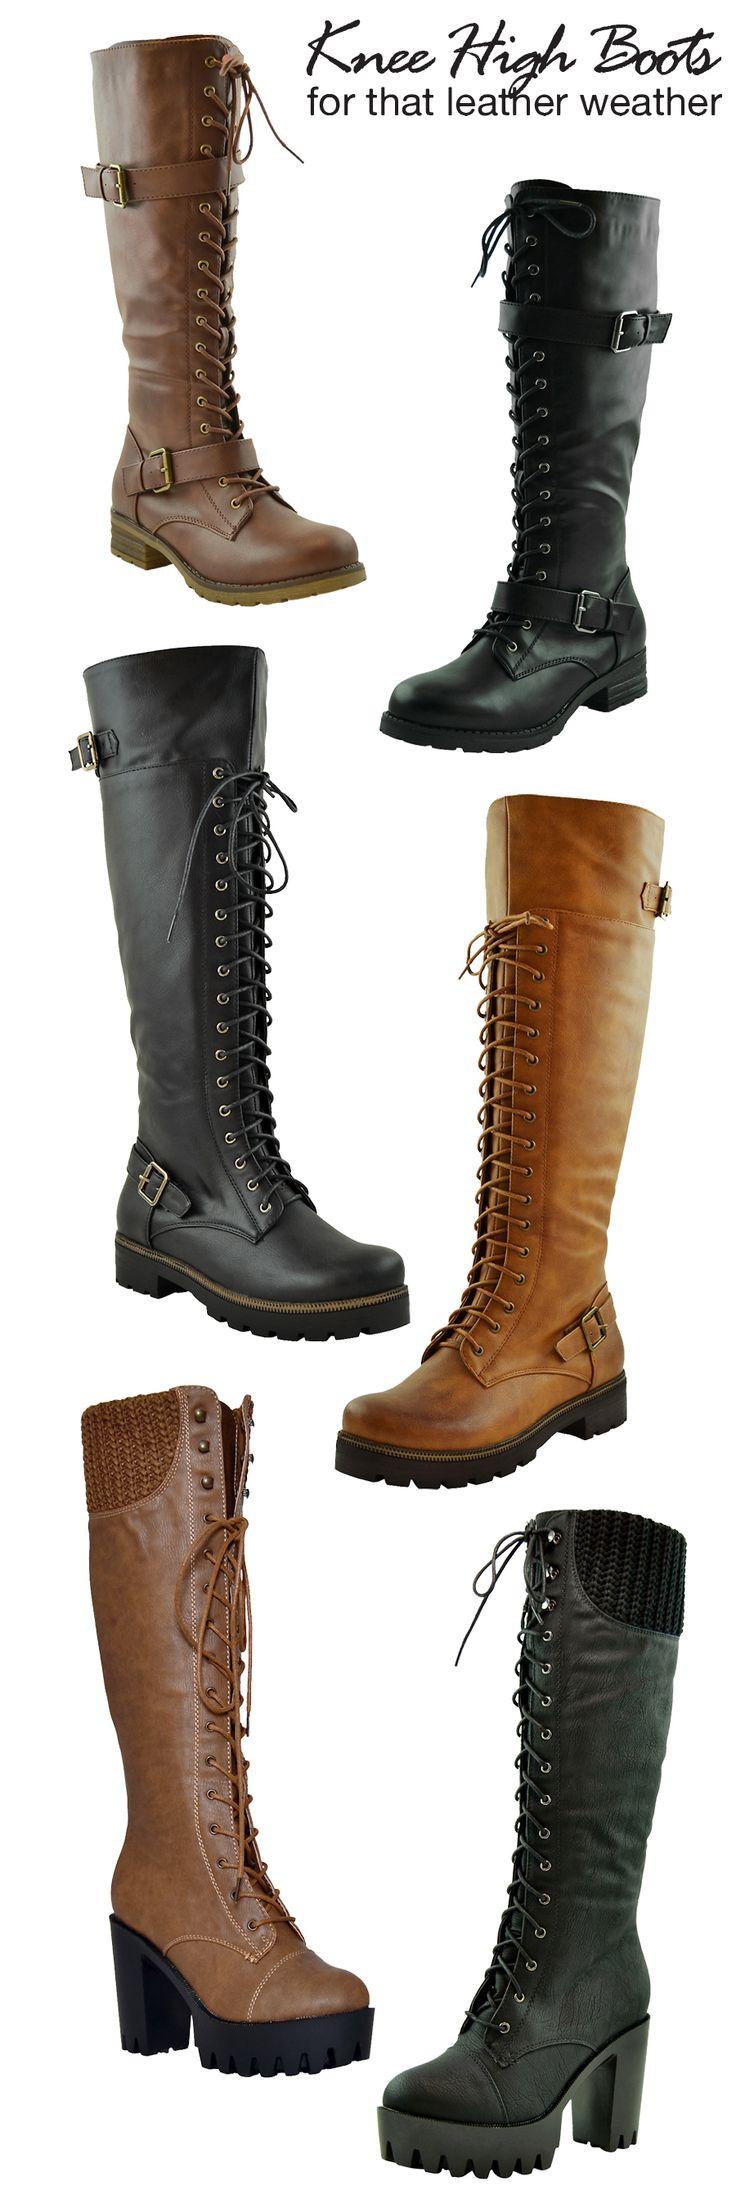 New Arrivals Women Knee High Boots, high heels platform shoes